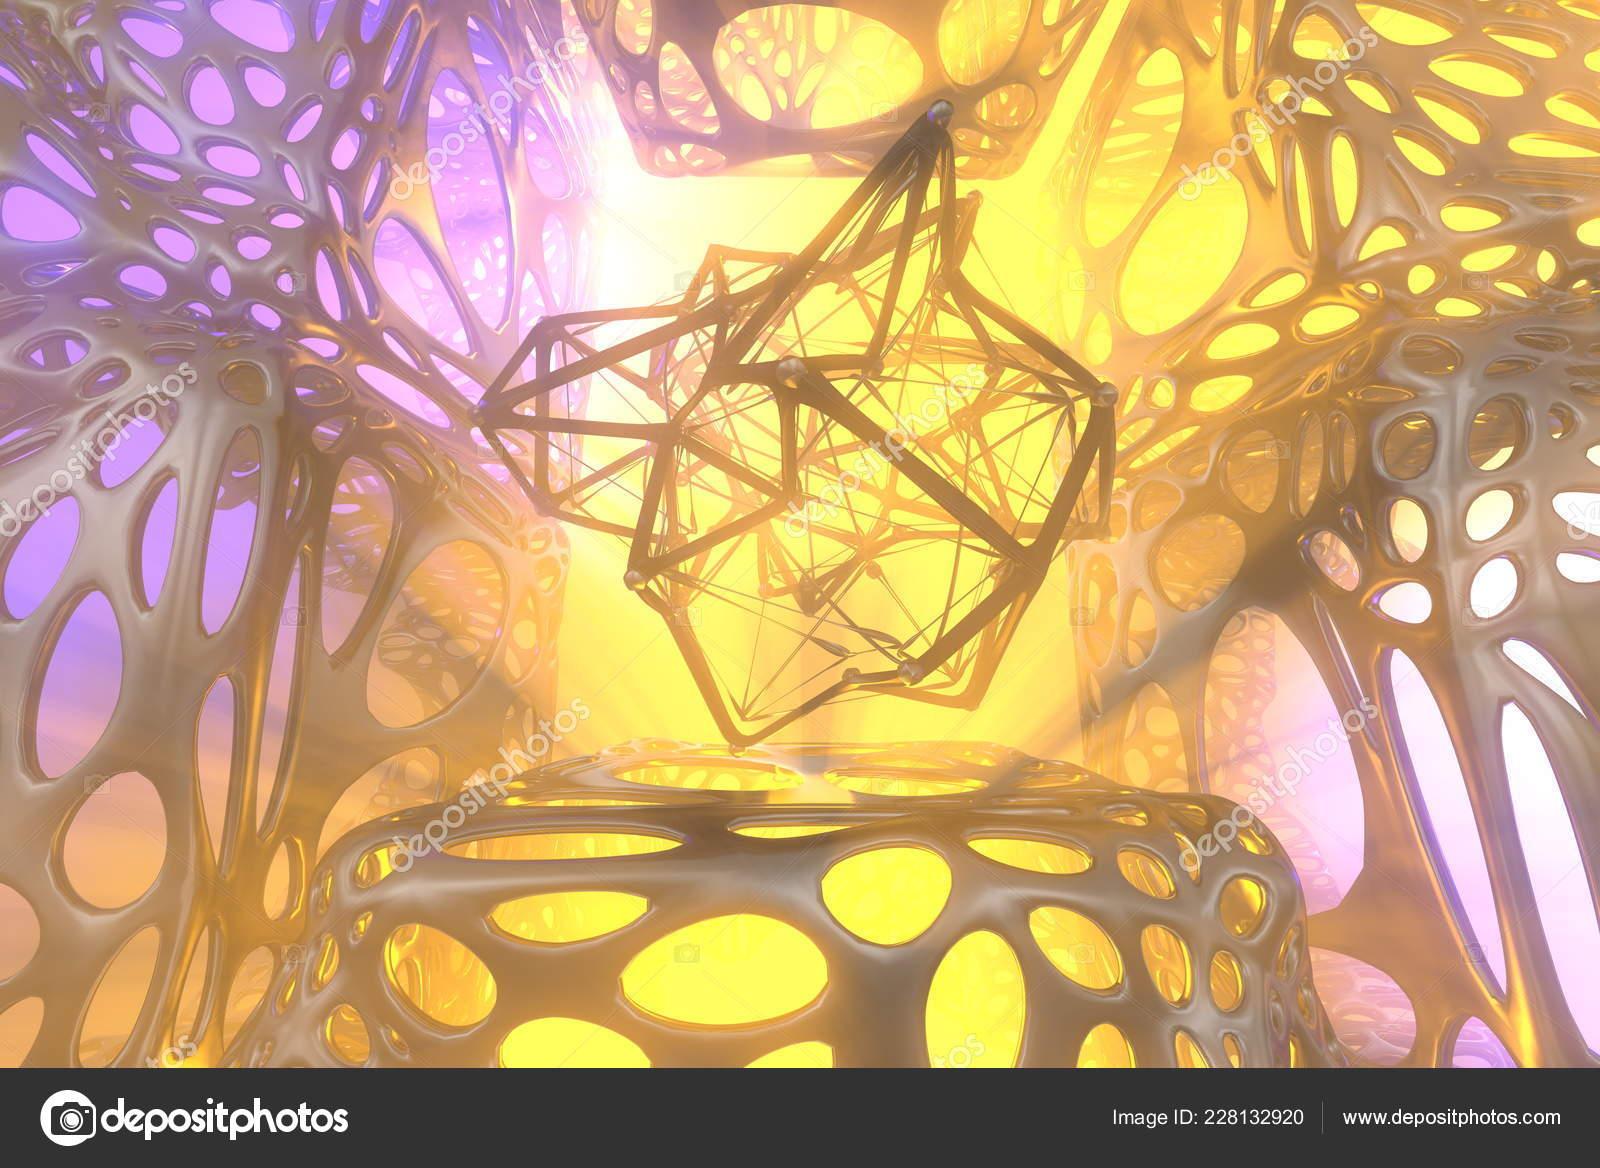 Resumen El Concepto De Representación 3d De Esfera Atómica